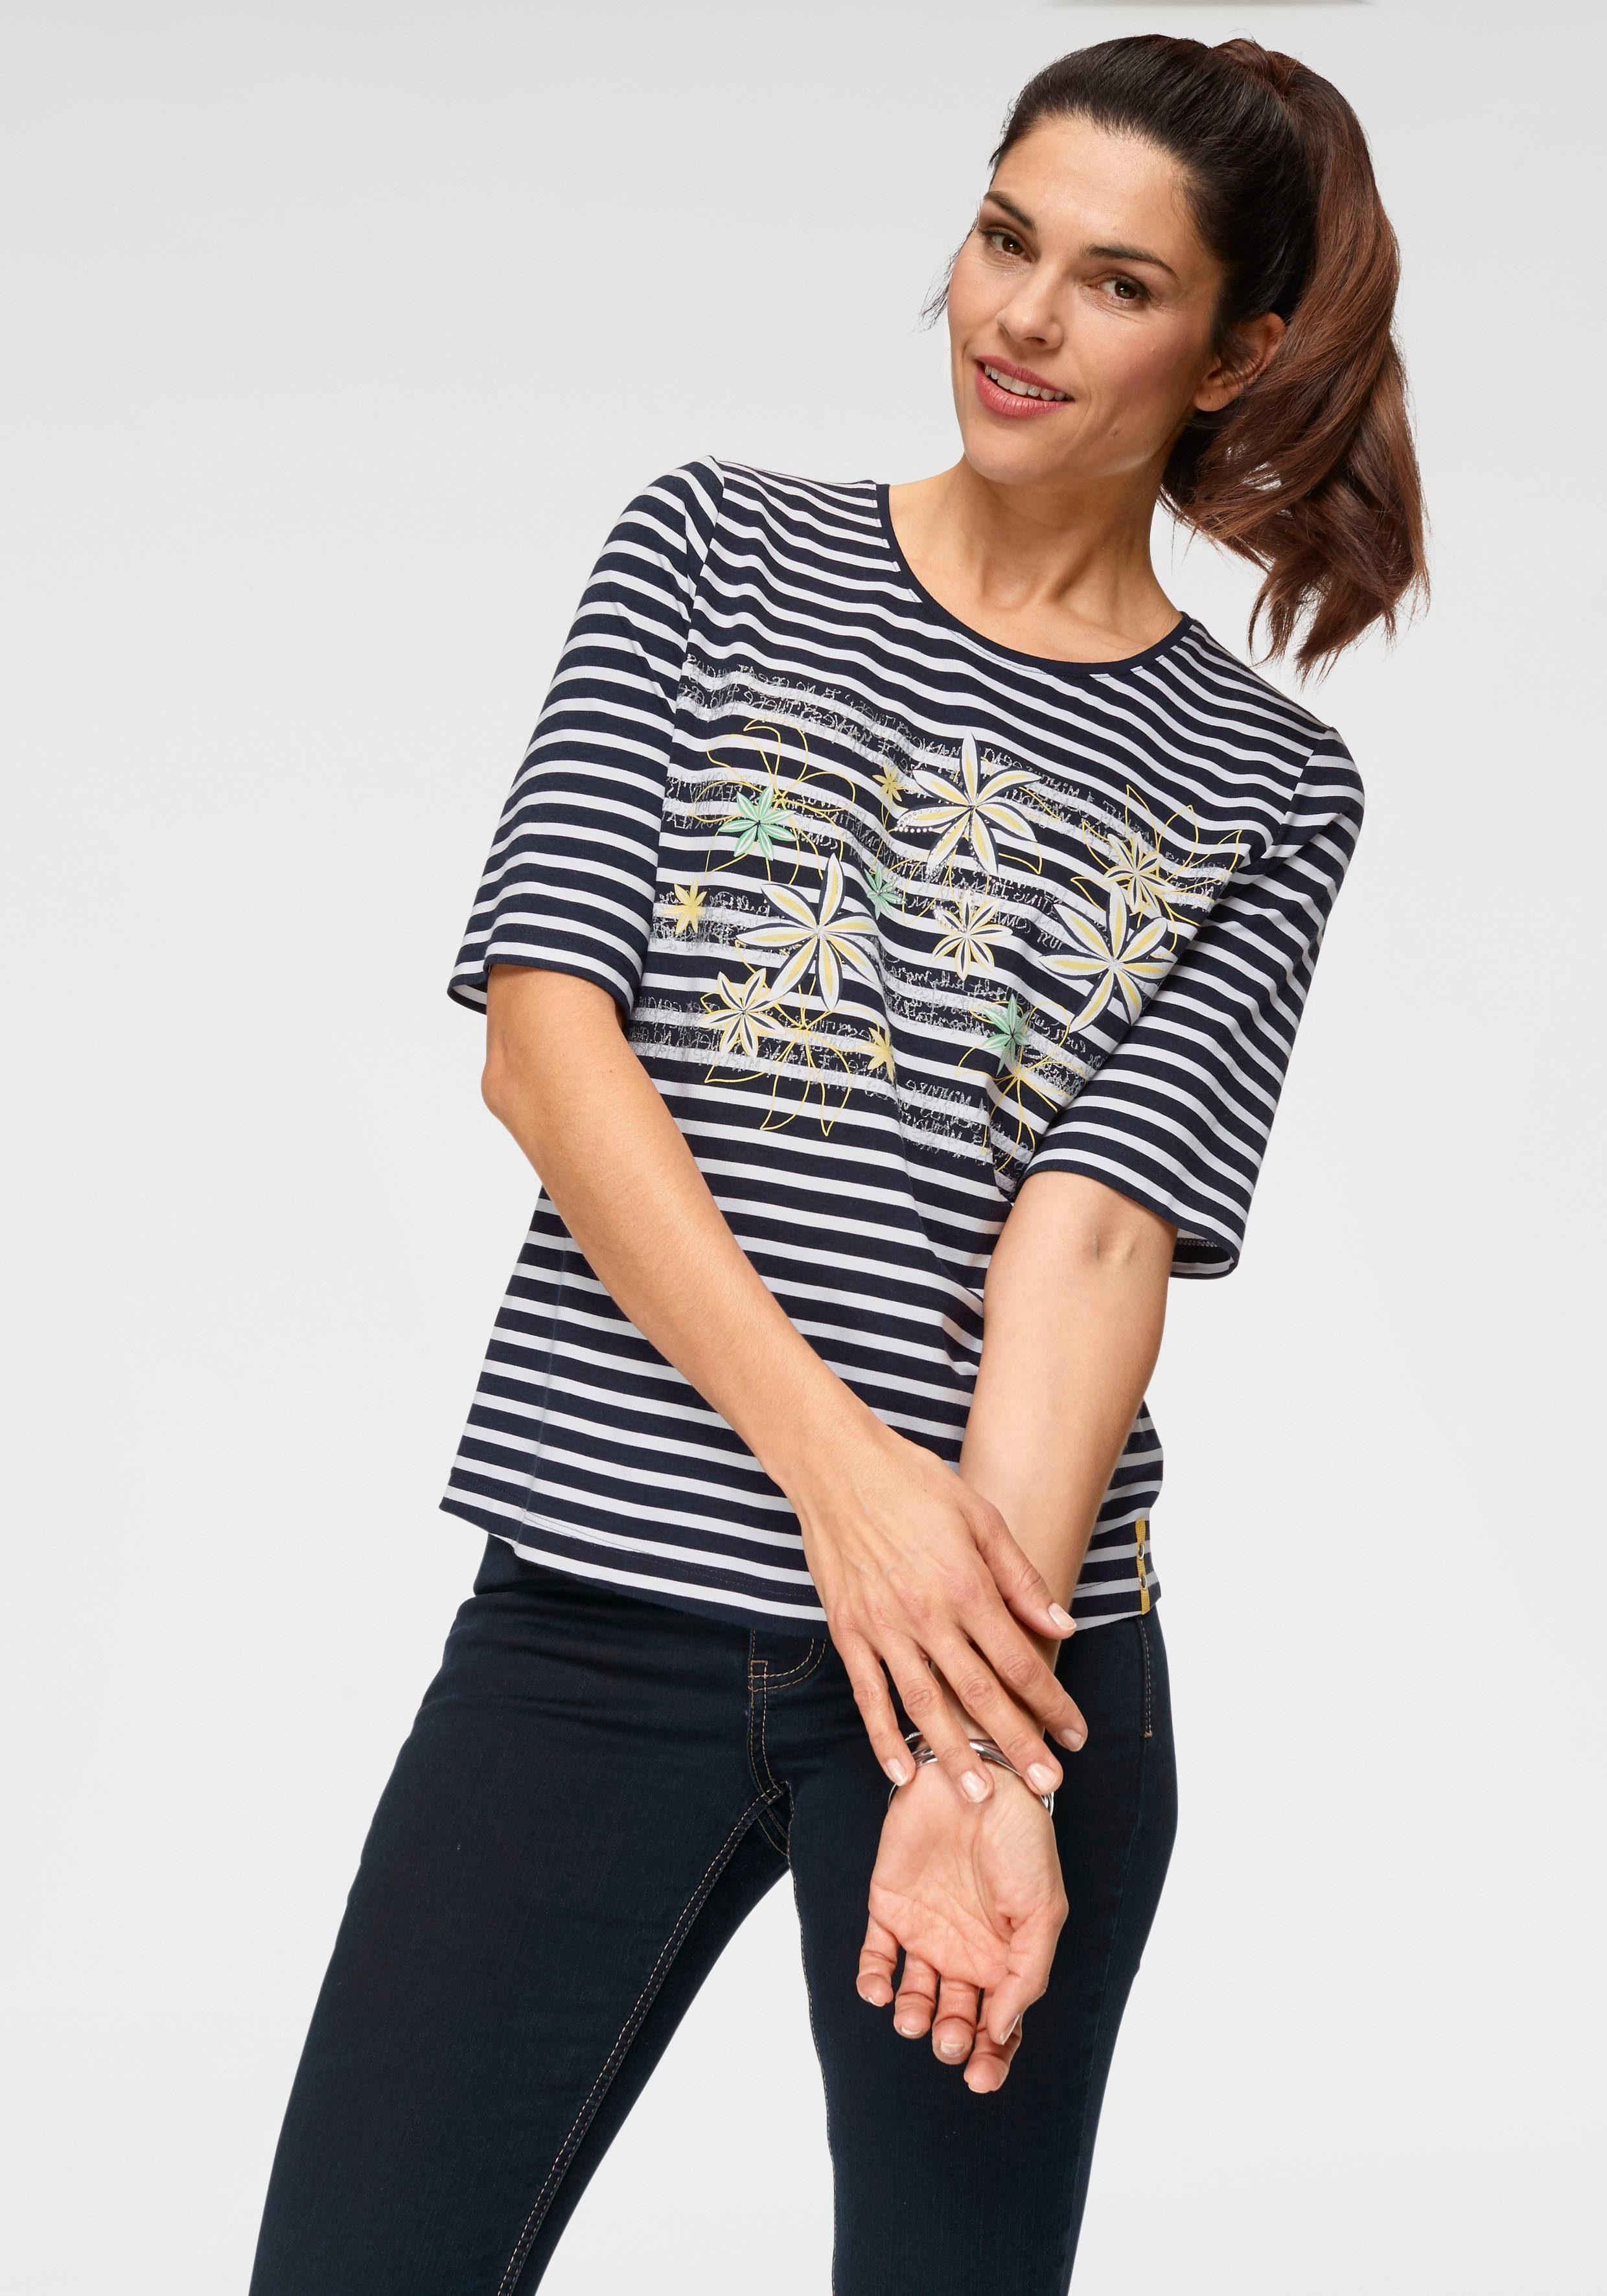 Rabe Print-Shirt mit Streifen, Blumen- und Glitzer-Print